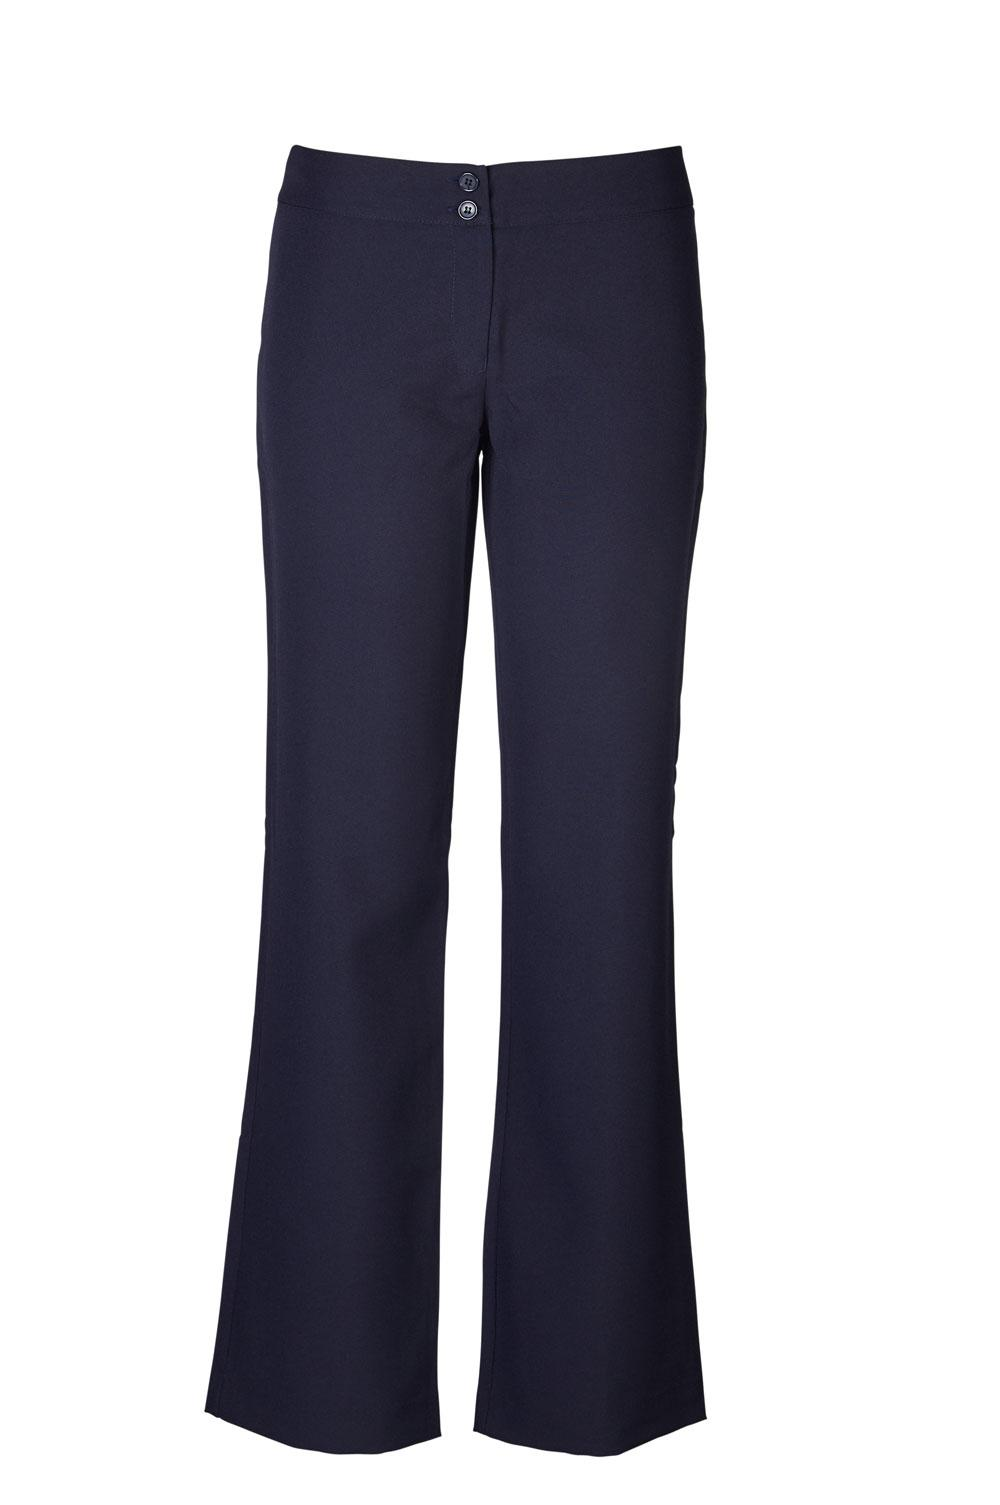 Susan Hipster Pants - Navy